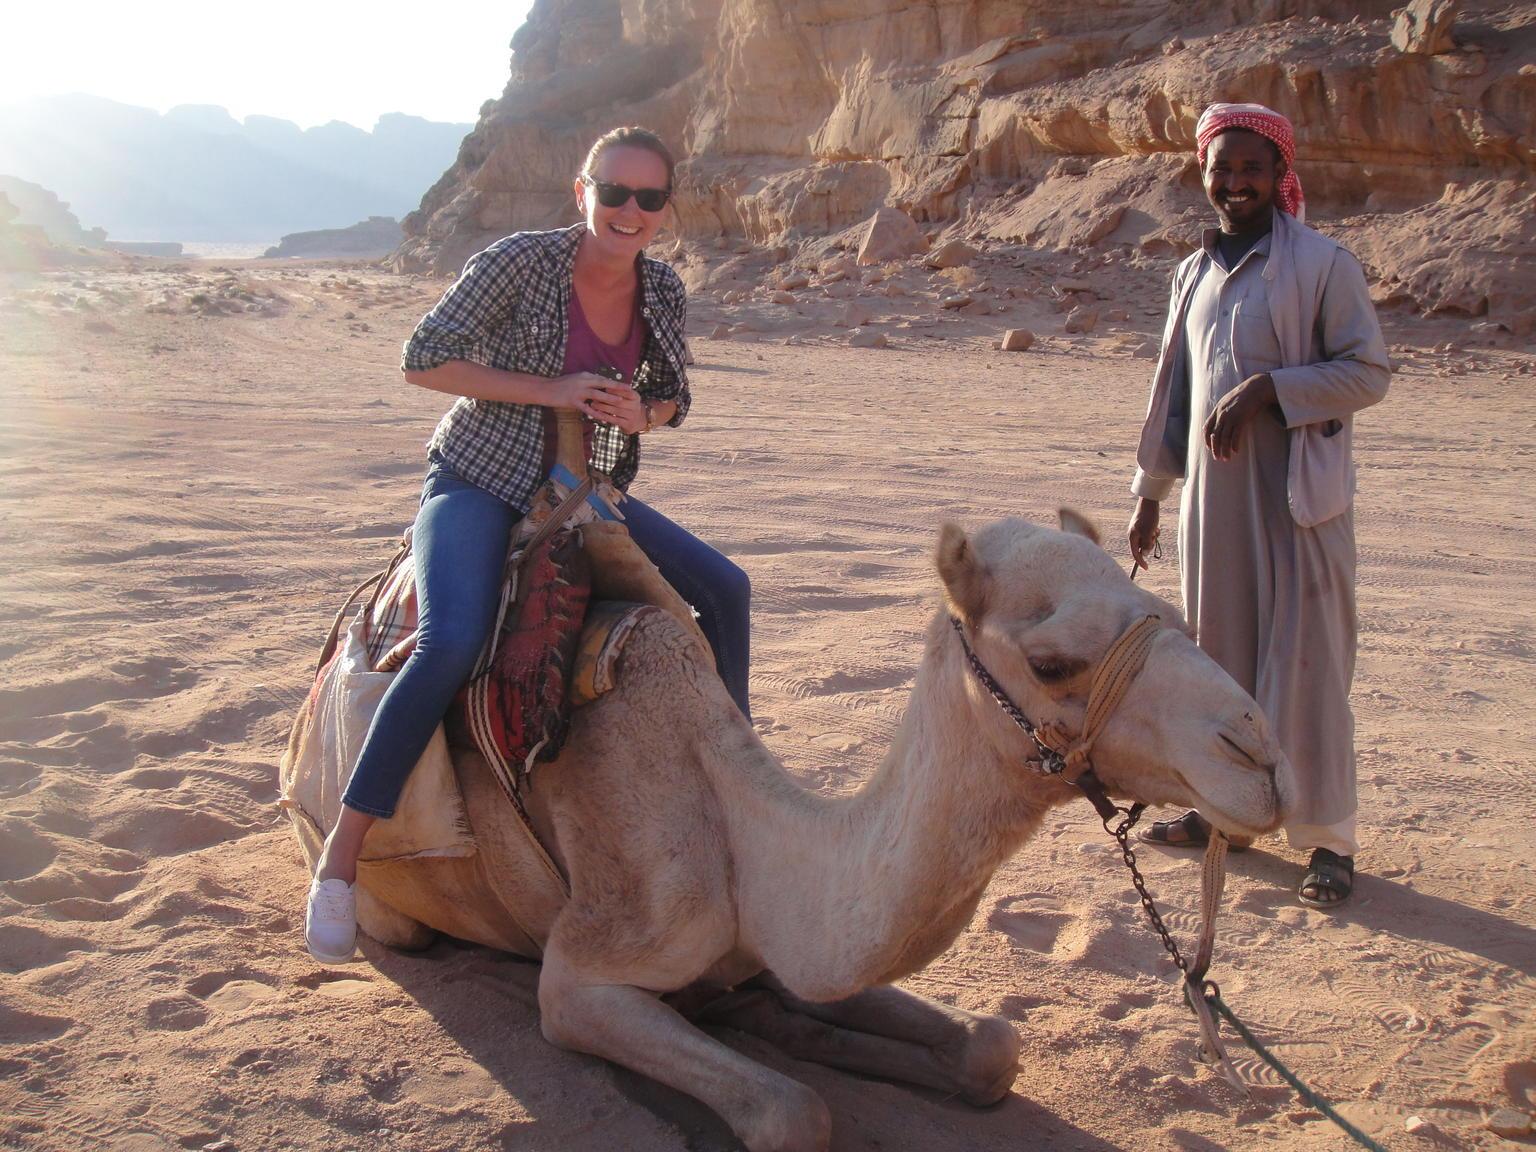 MÁS FOTOS, Excursión Privada Día Completo a Wadi Rum Valle de la Luna desde Amman